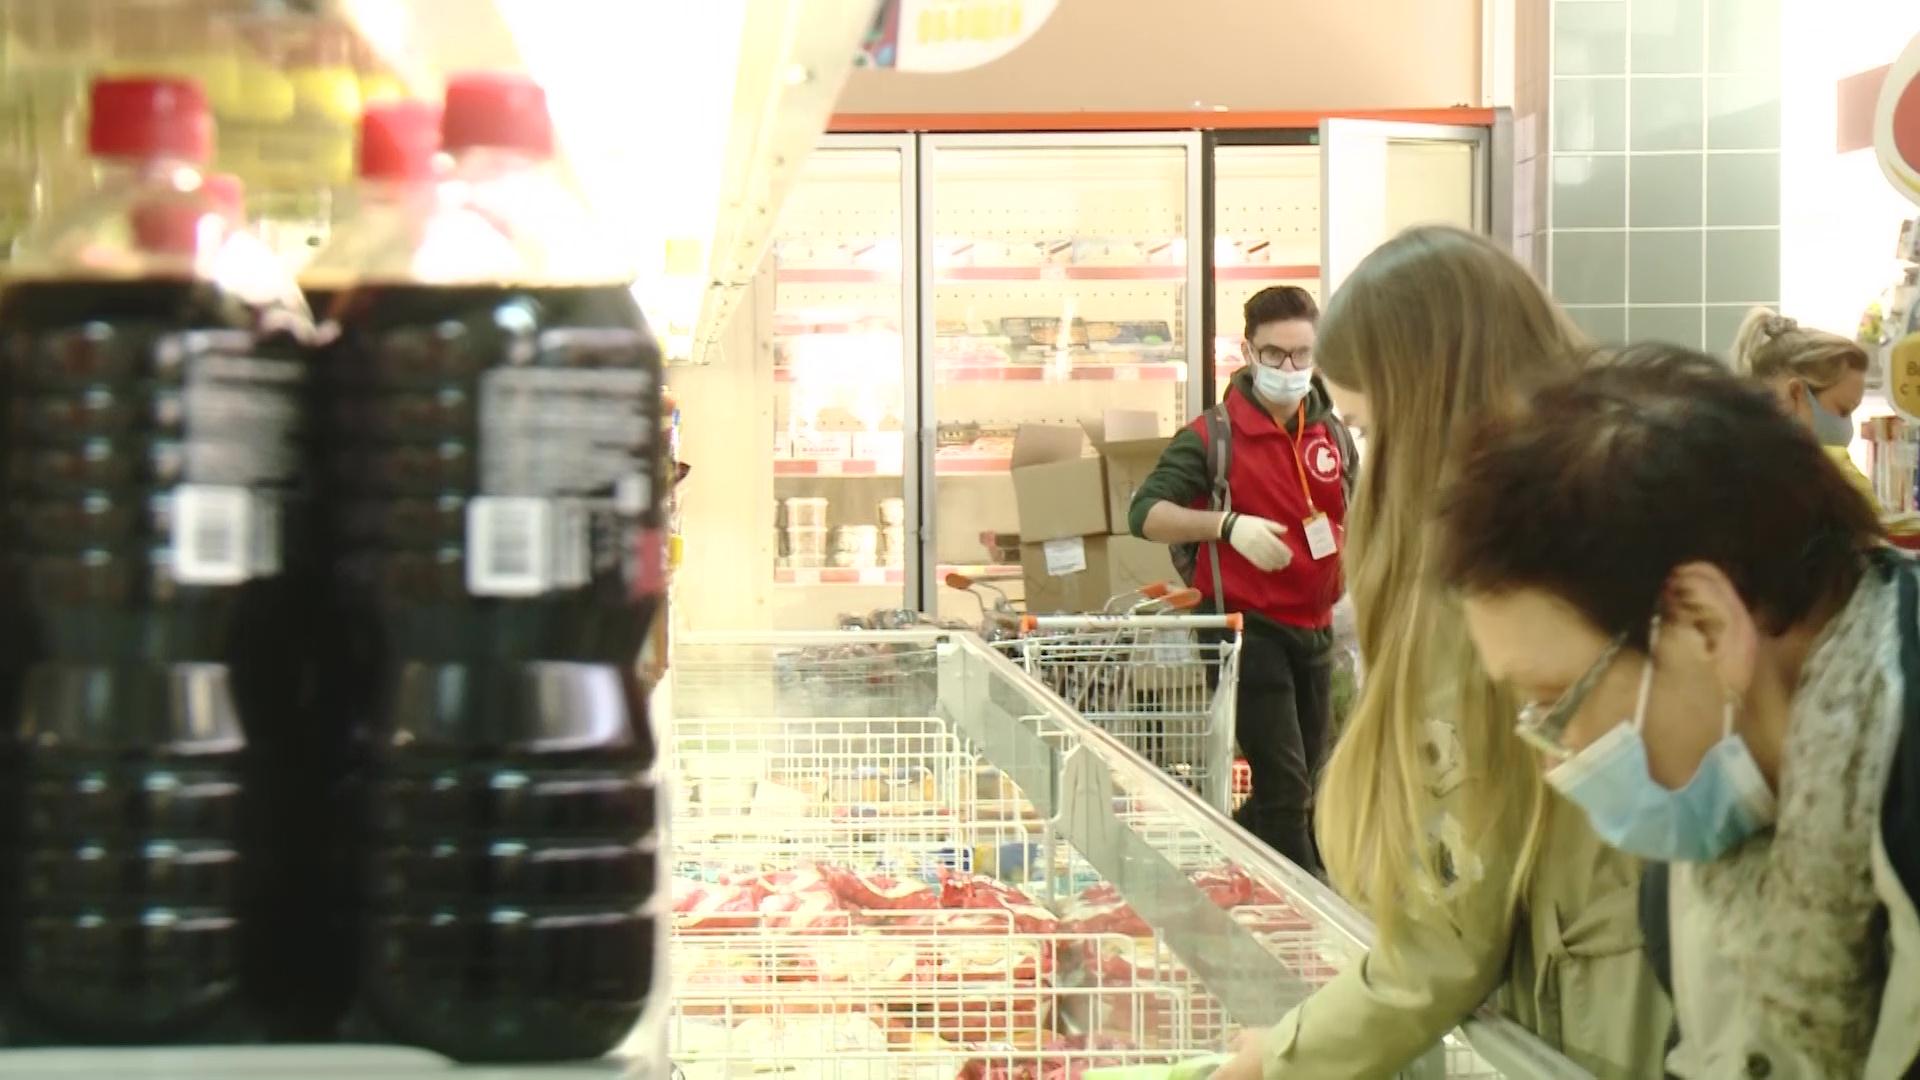 Более семисот волонтеров помогают жителям региона, оказавшимся в трудной ситуации из-за коронавируса